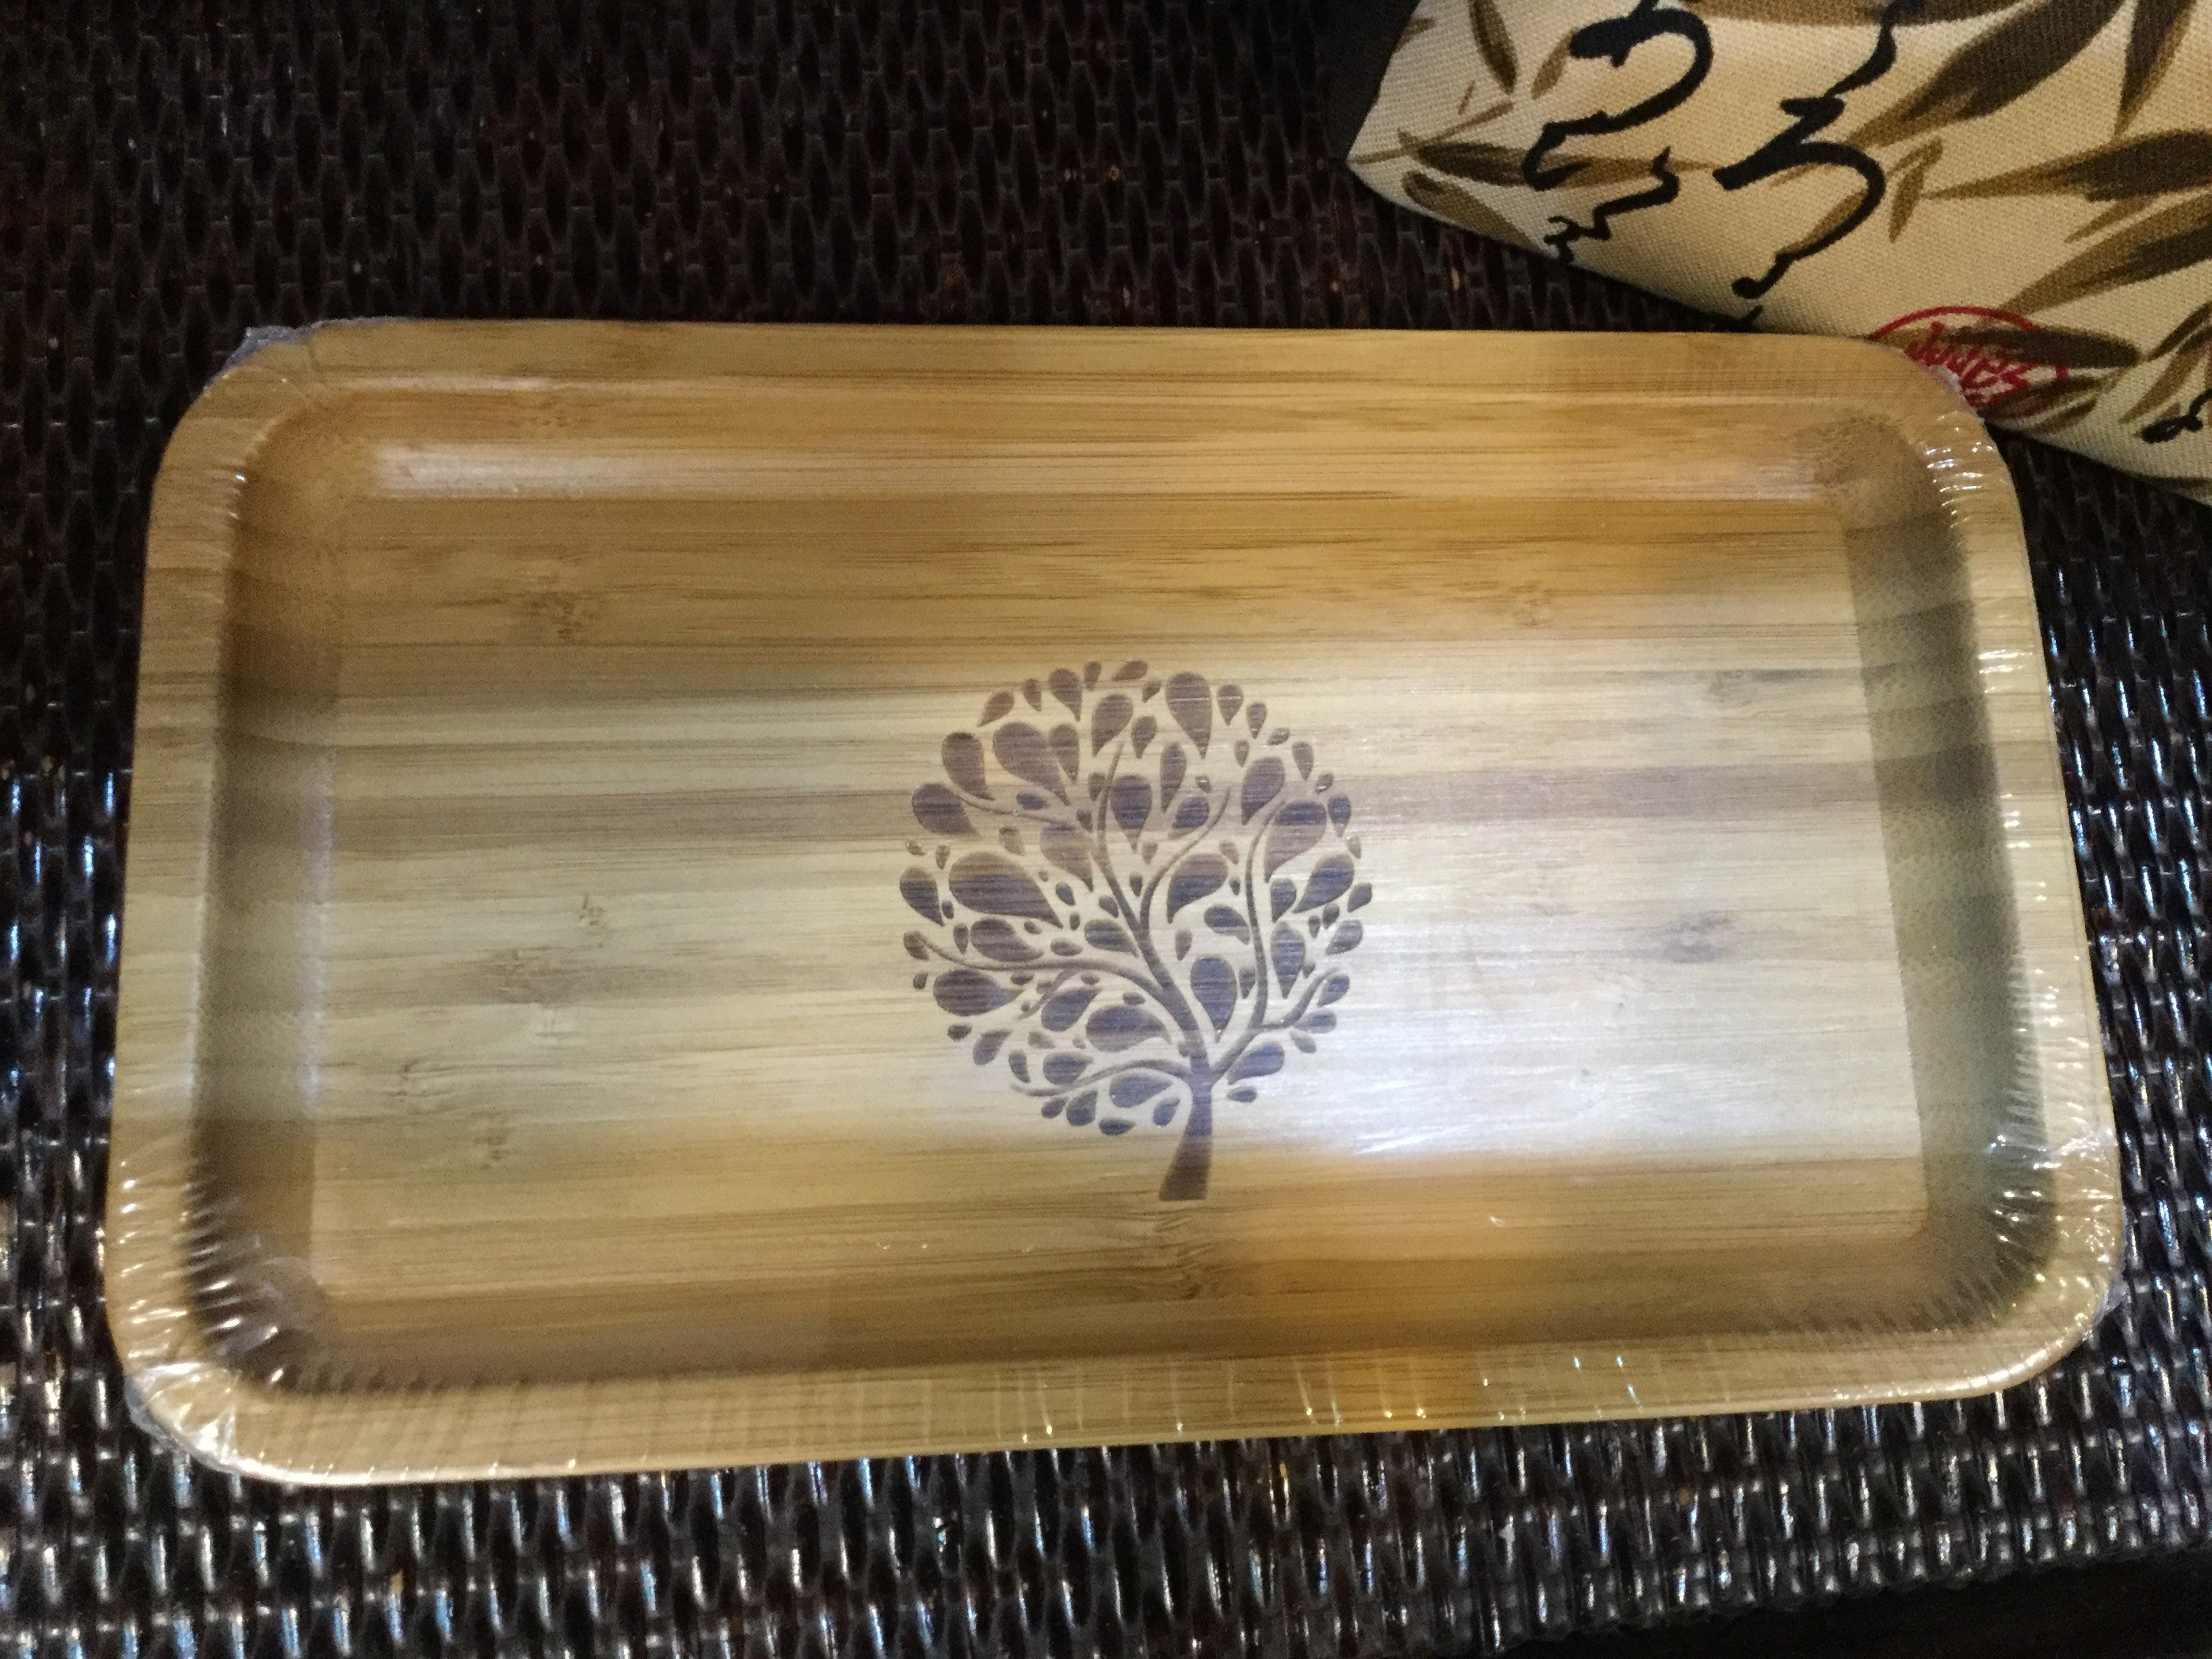 花開富貴-30x20x2cm長方形竹製餐盤,360/個。零售批發,歡迎預購